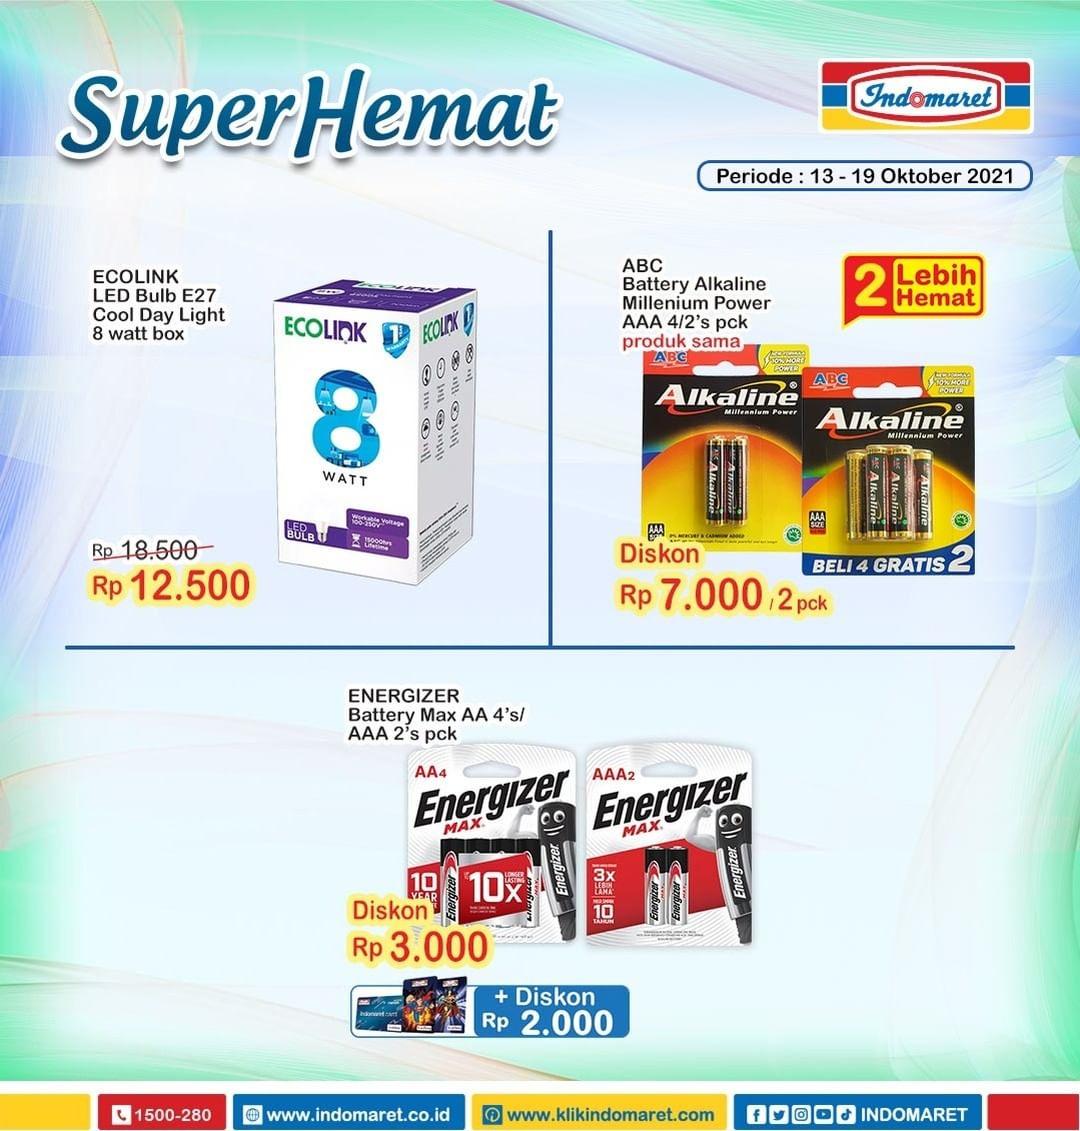 Indomaret Super Hemat 41